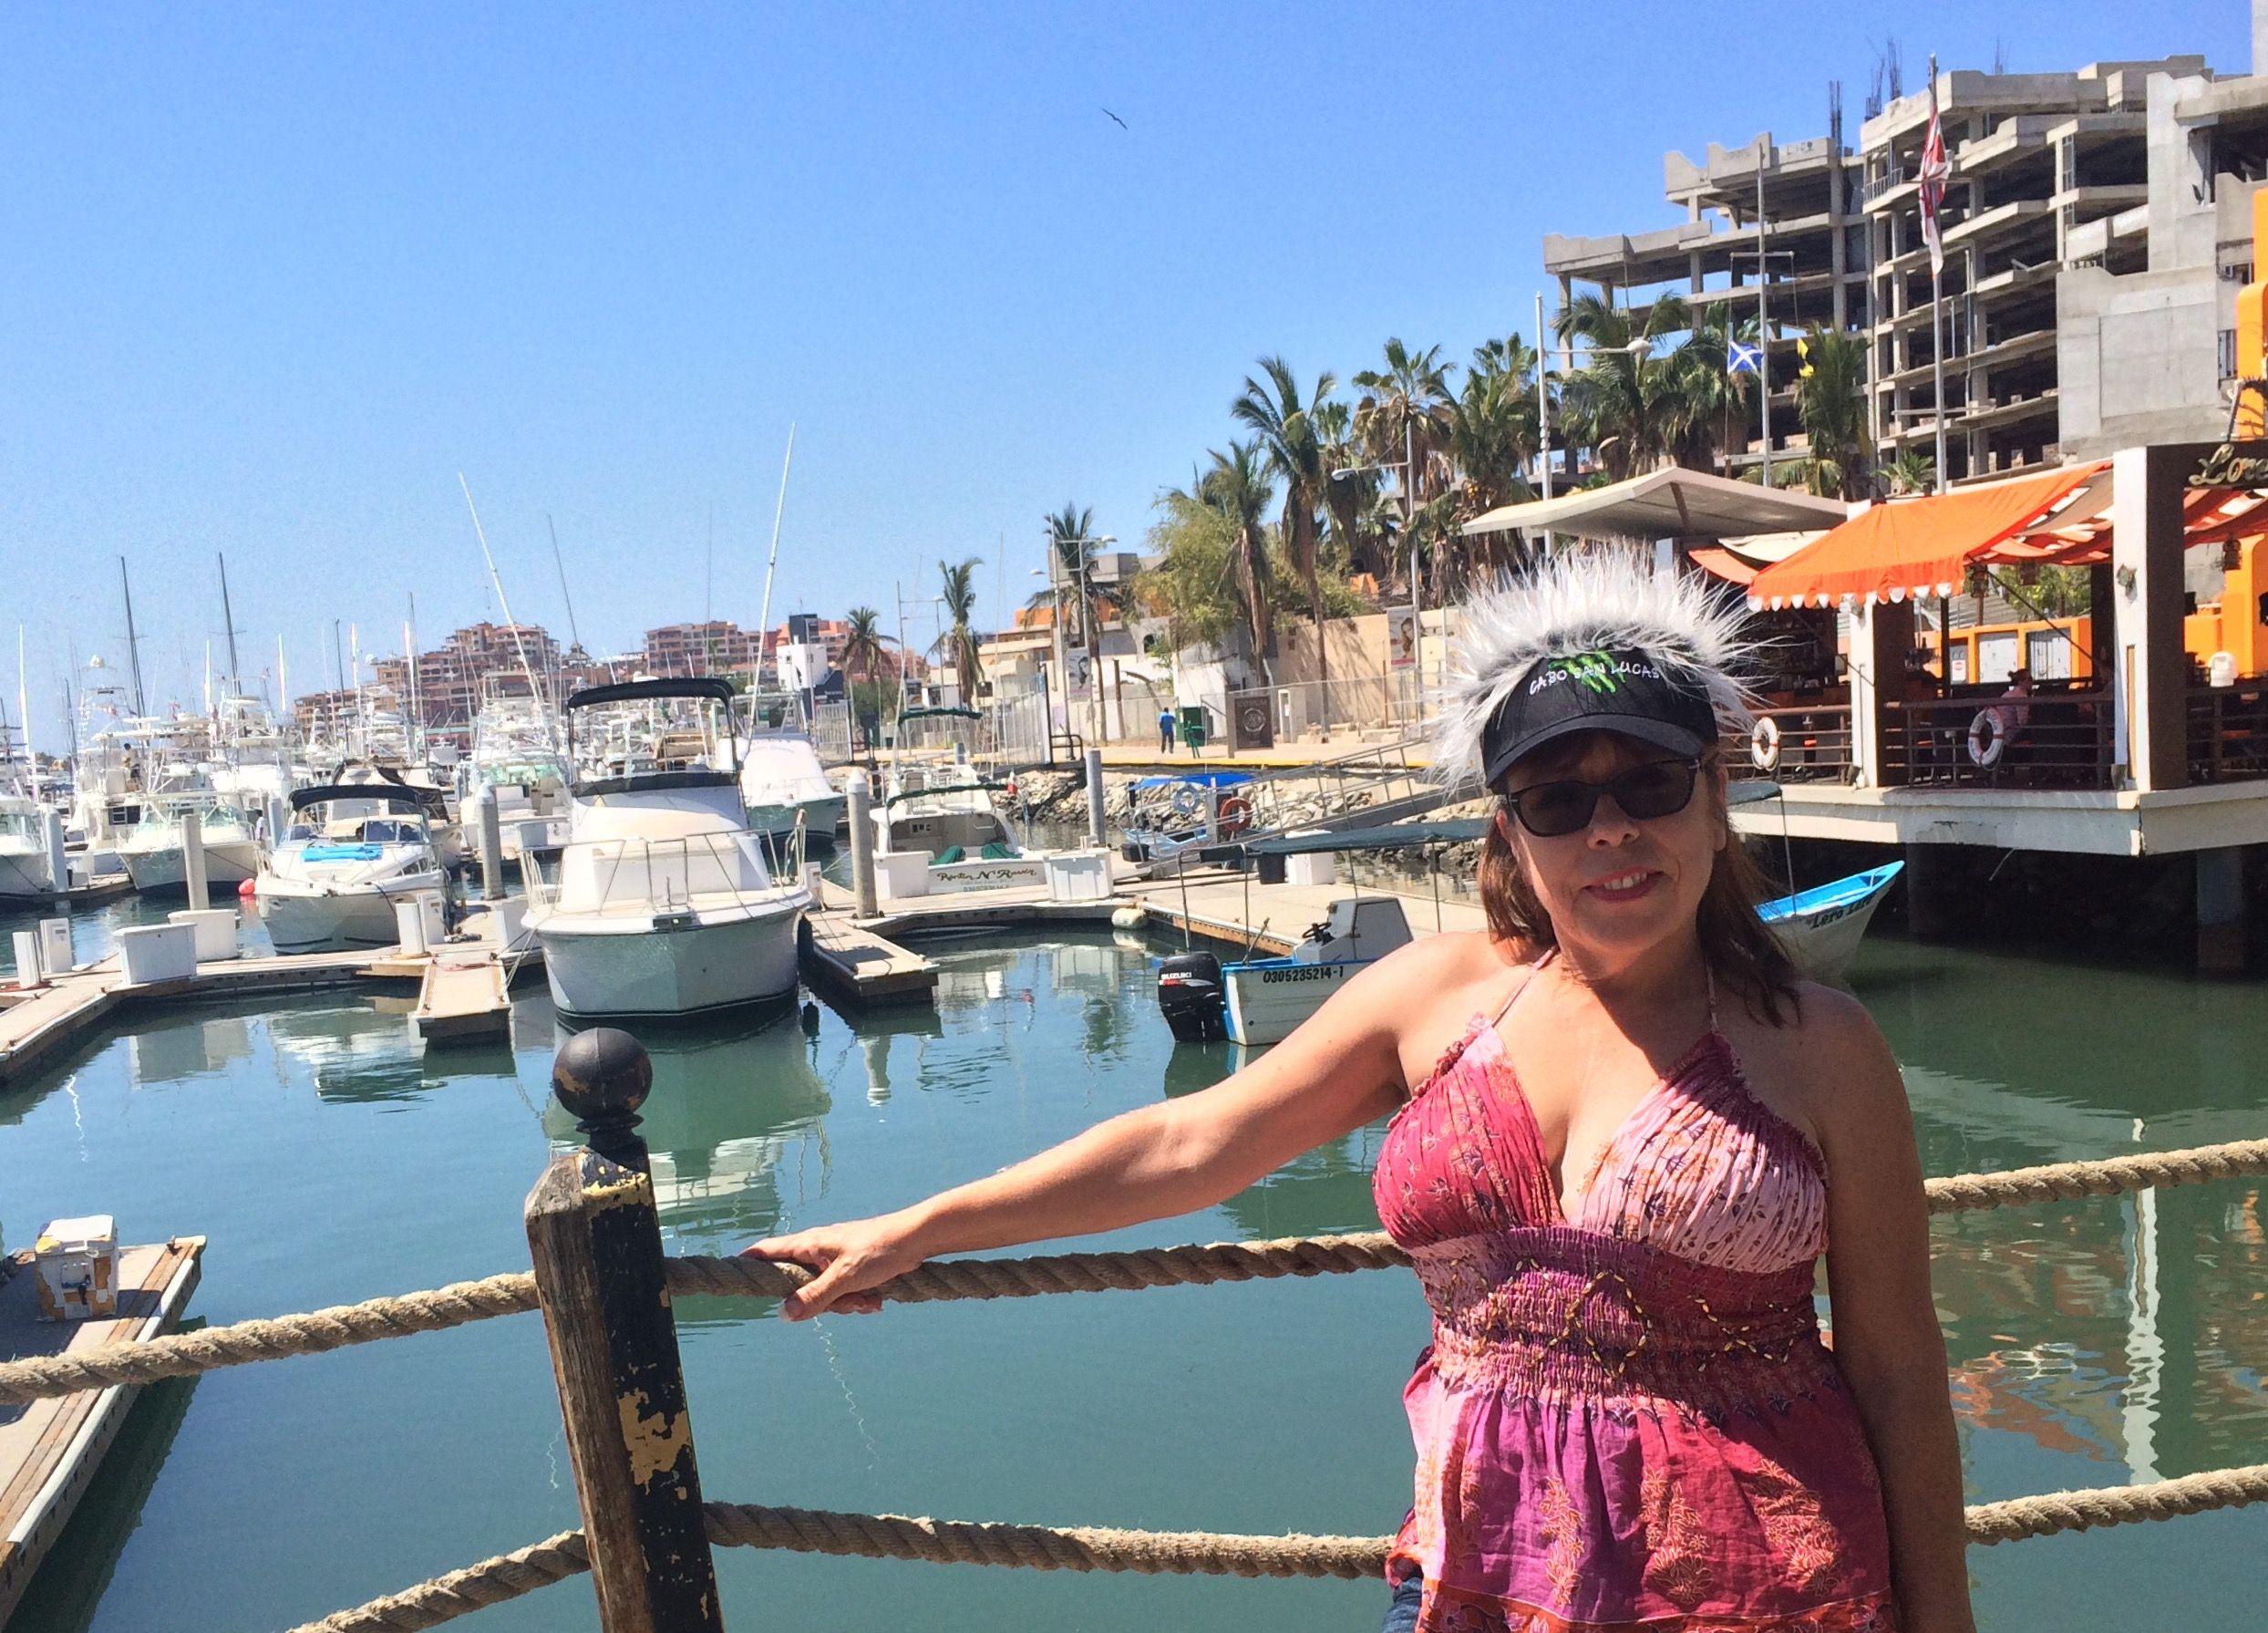 The Marina Cabo